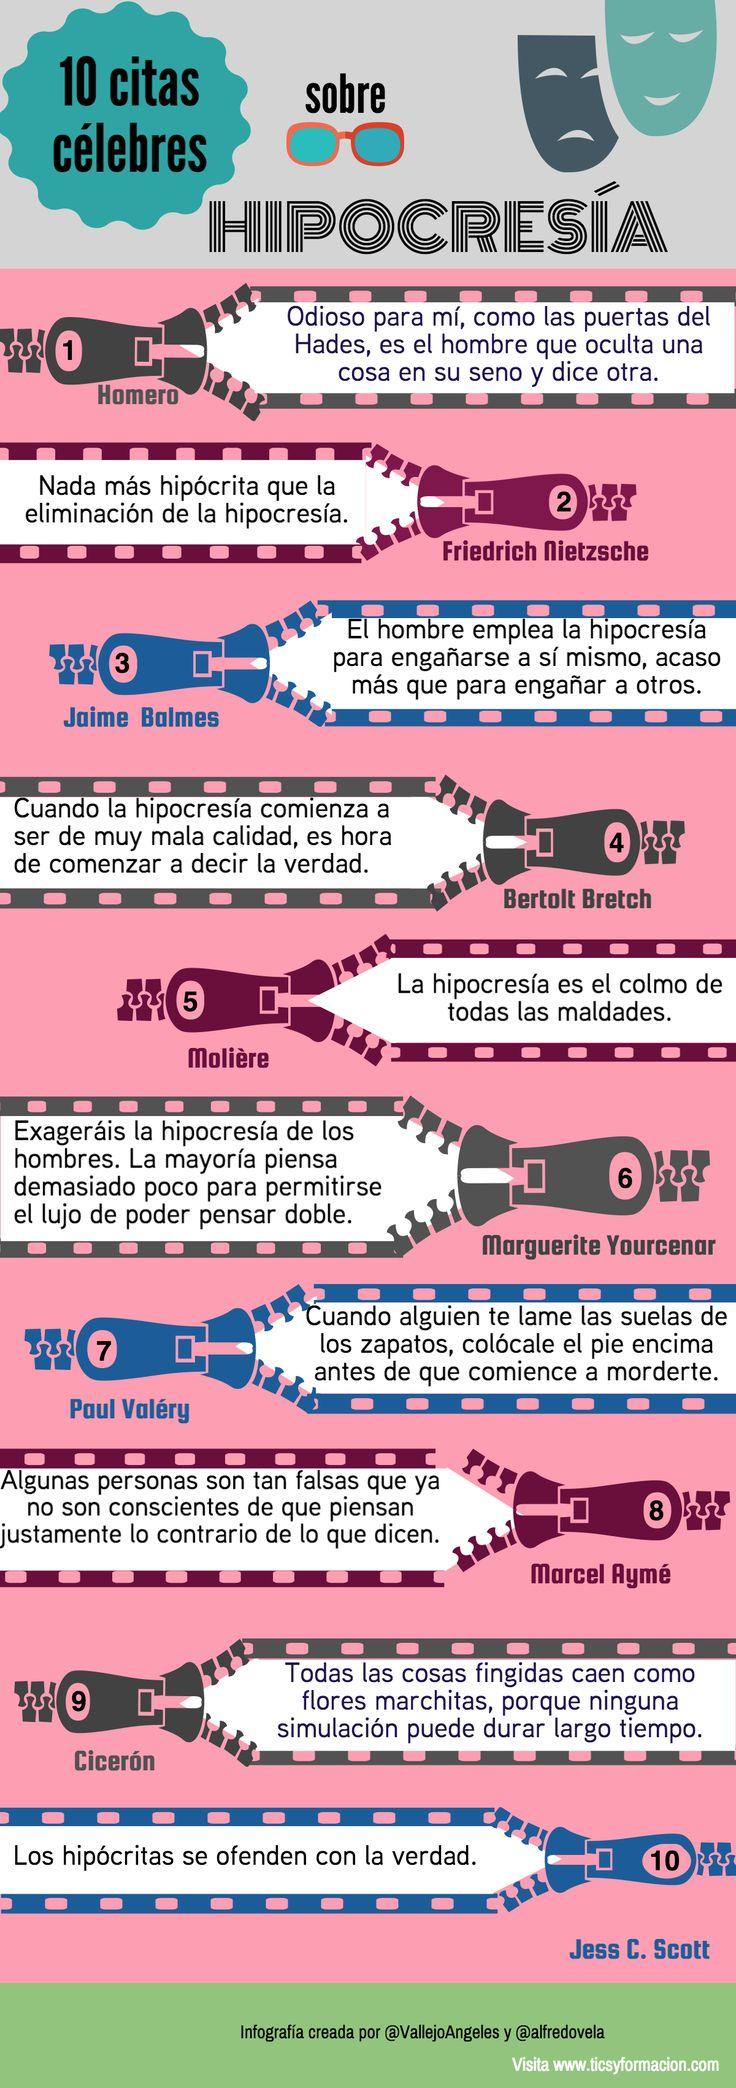 10 citas célebres sobre Hipocresía #infografia @rubendelaosa http://rubendelaosa.com/